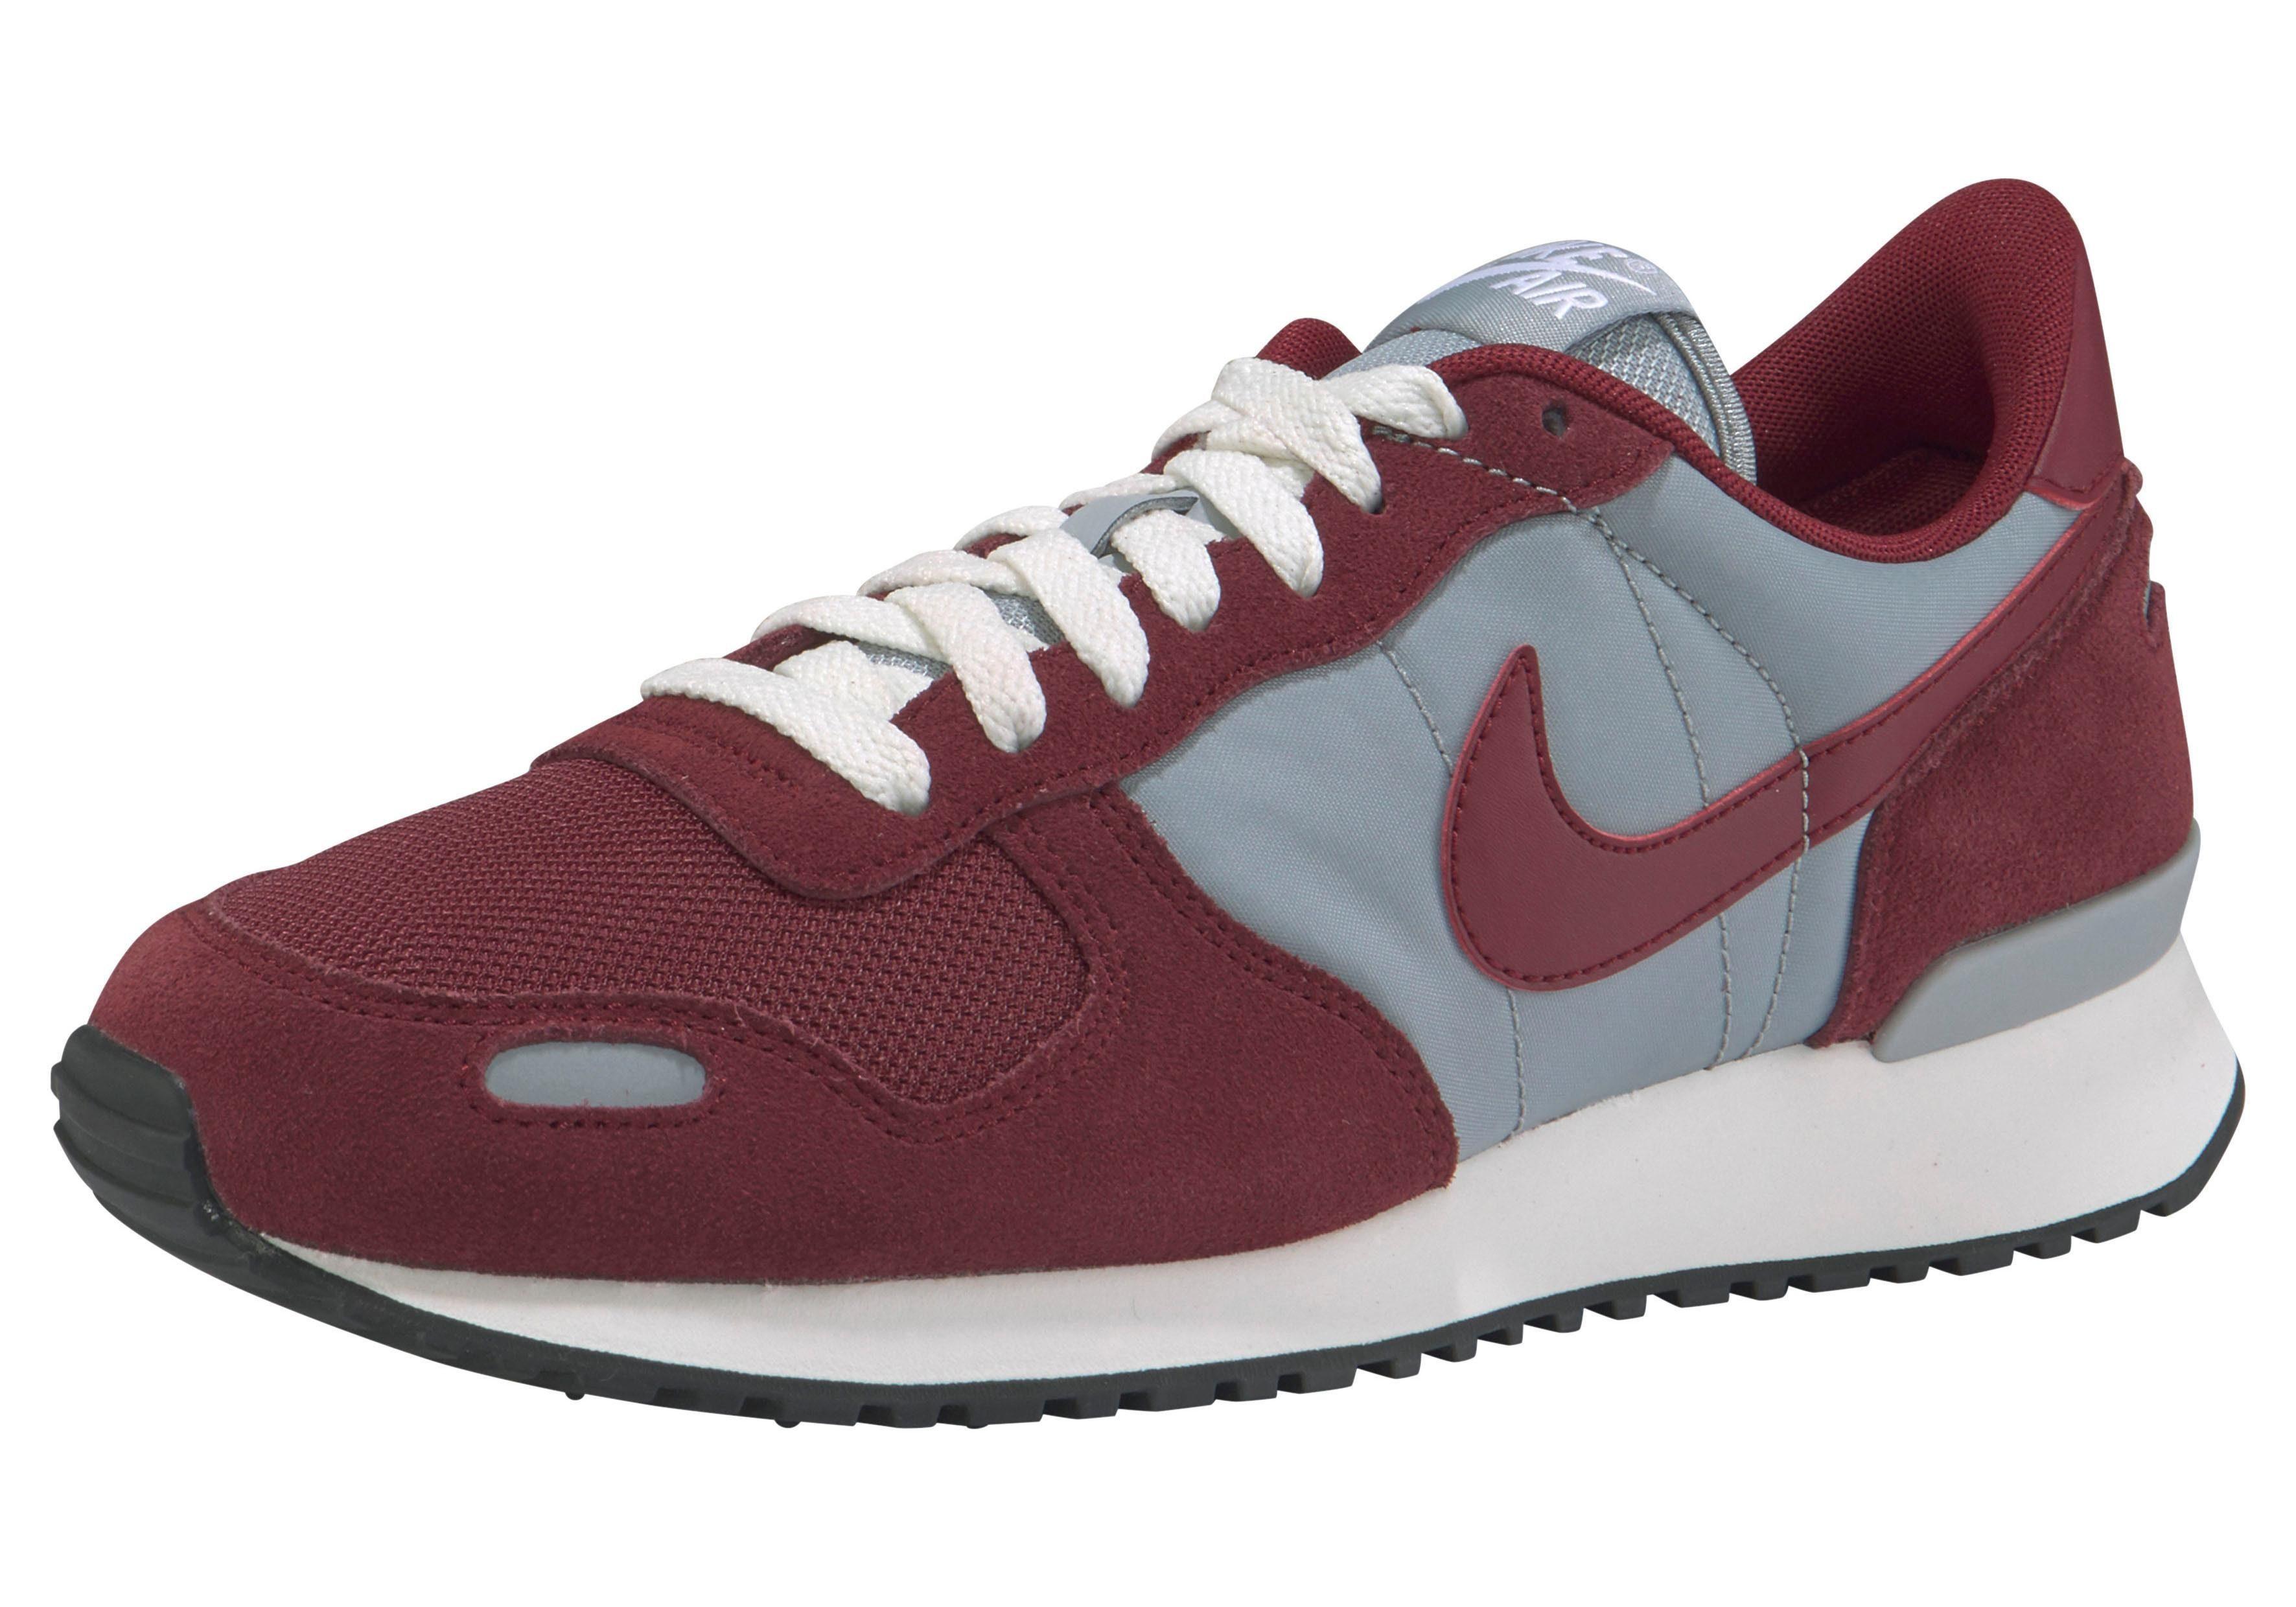 Nike Sportswear »Air Vortex« Sneaker, Trendiger Herren Sneaker von Nike online kaufen   OTTO